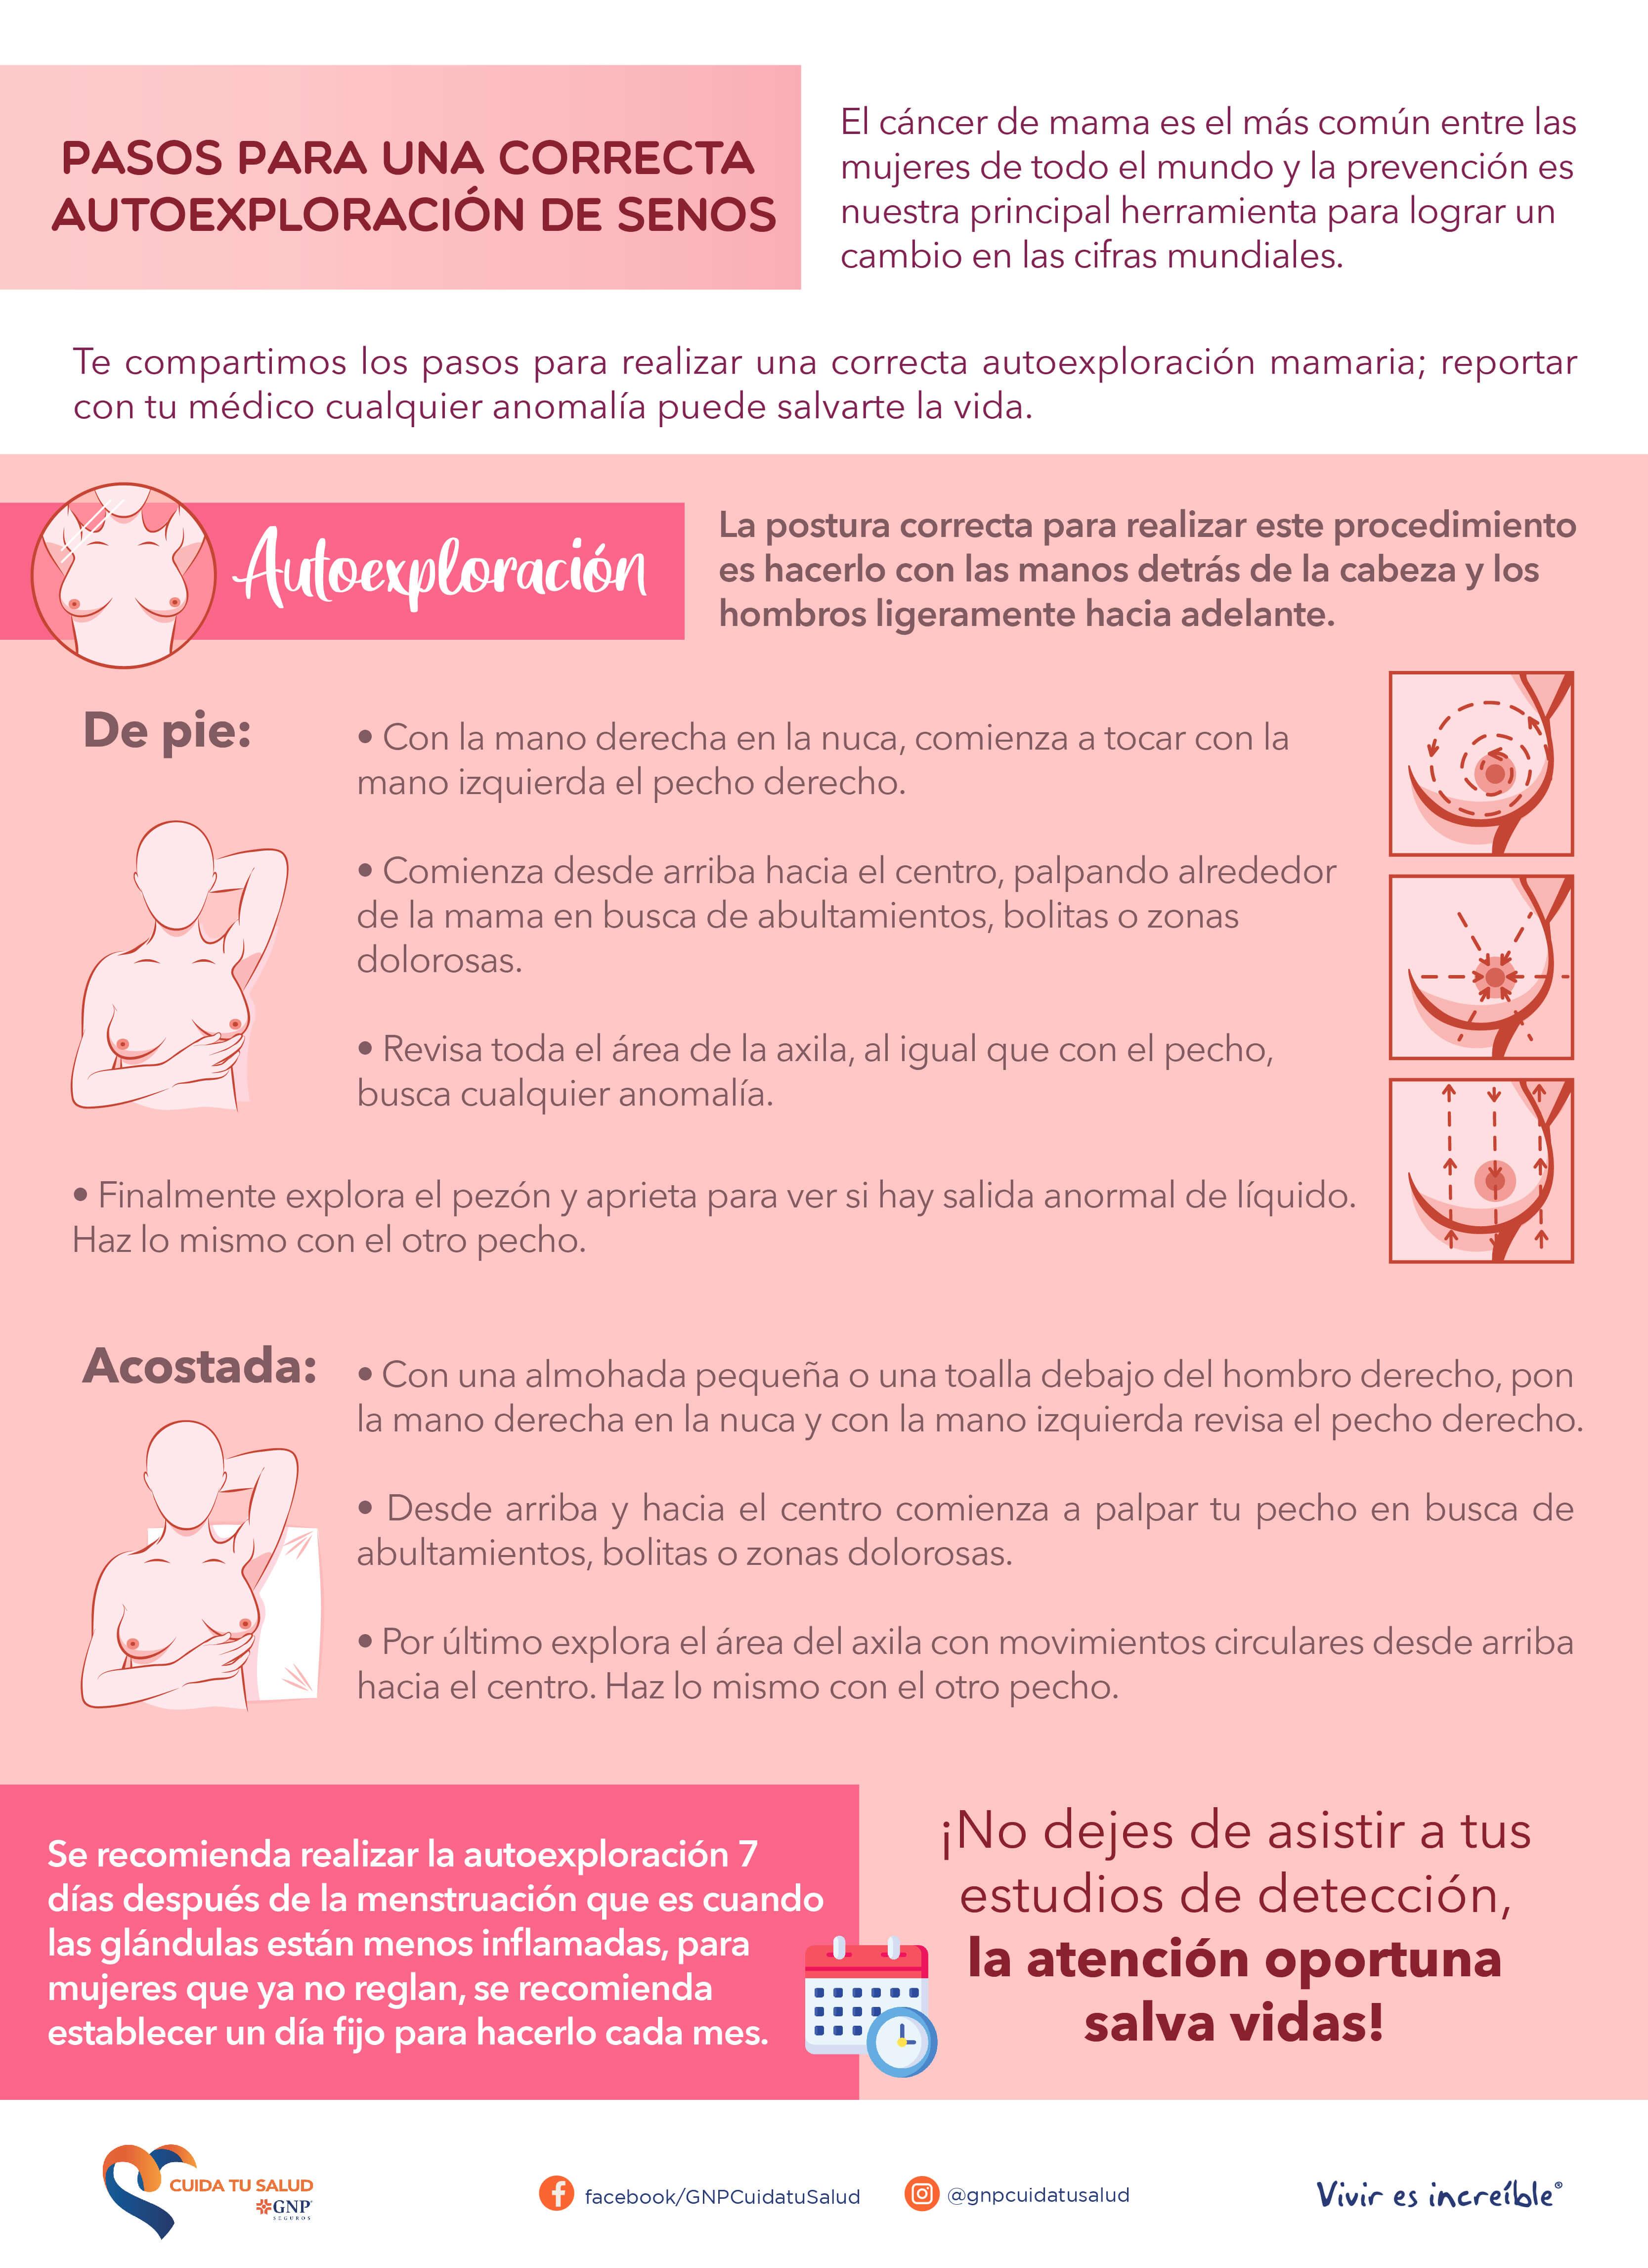 Pasos para una correcta exploración de senos